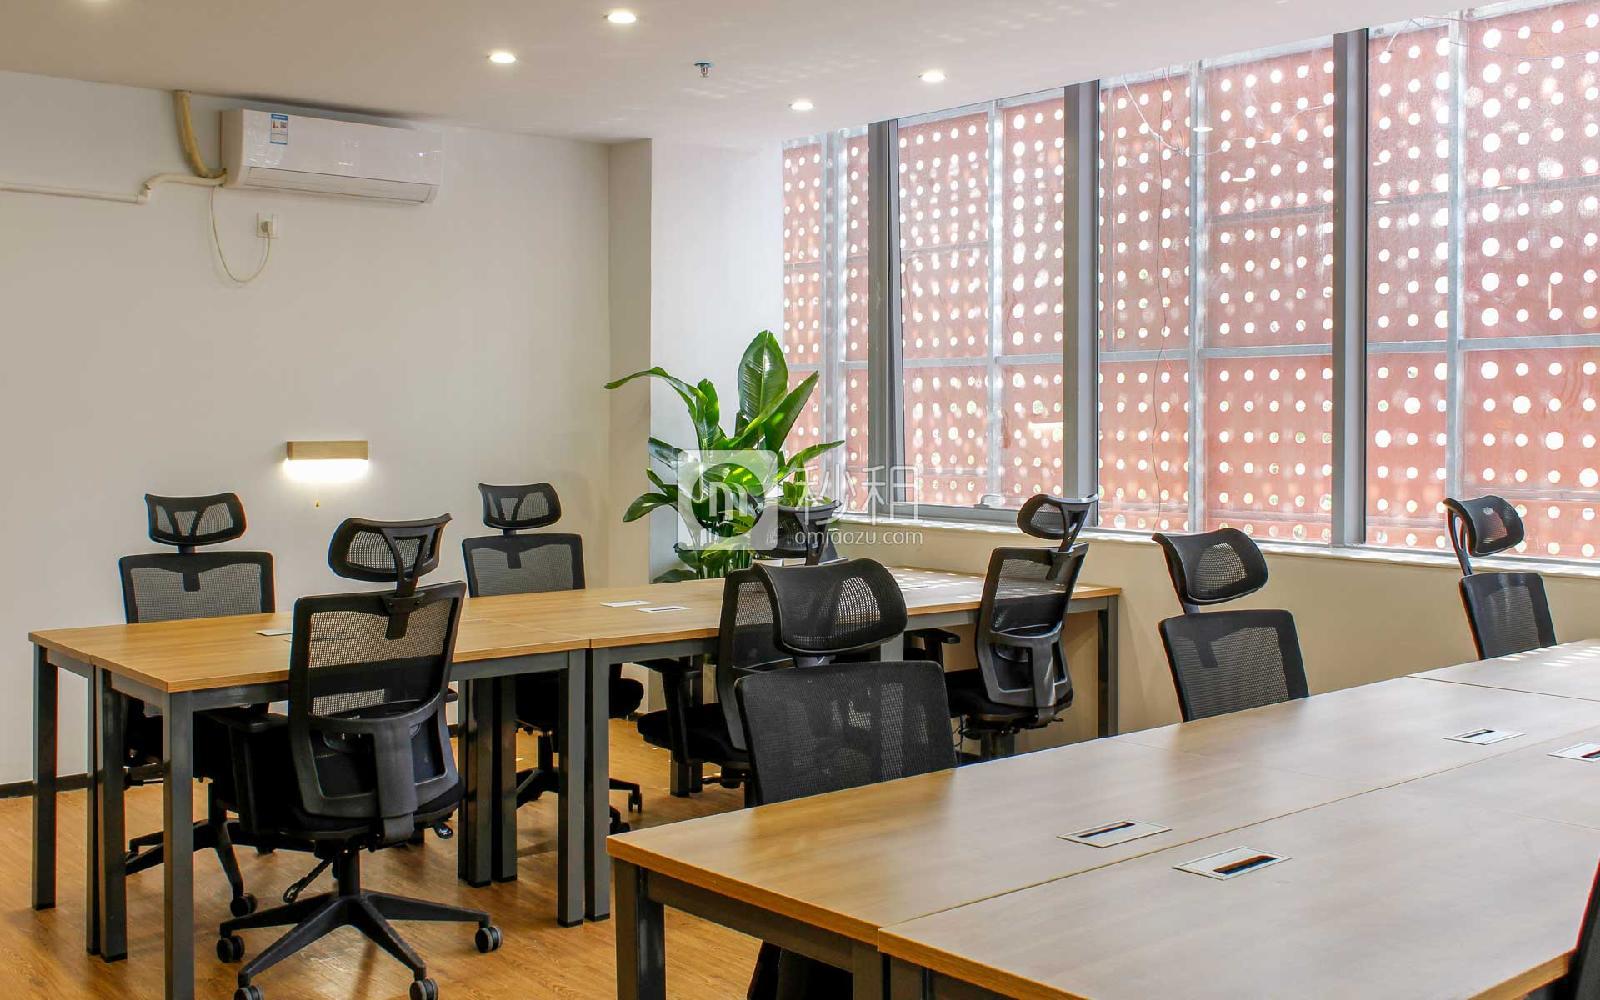 众里创业社区(兴东)写字楼出租60平米精装办公室7200元/间.月